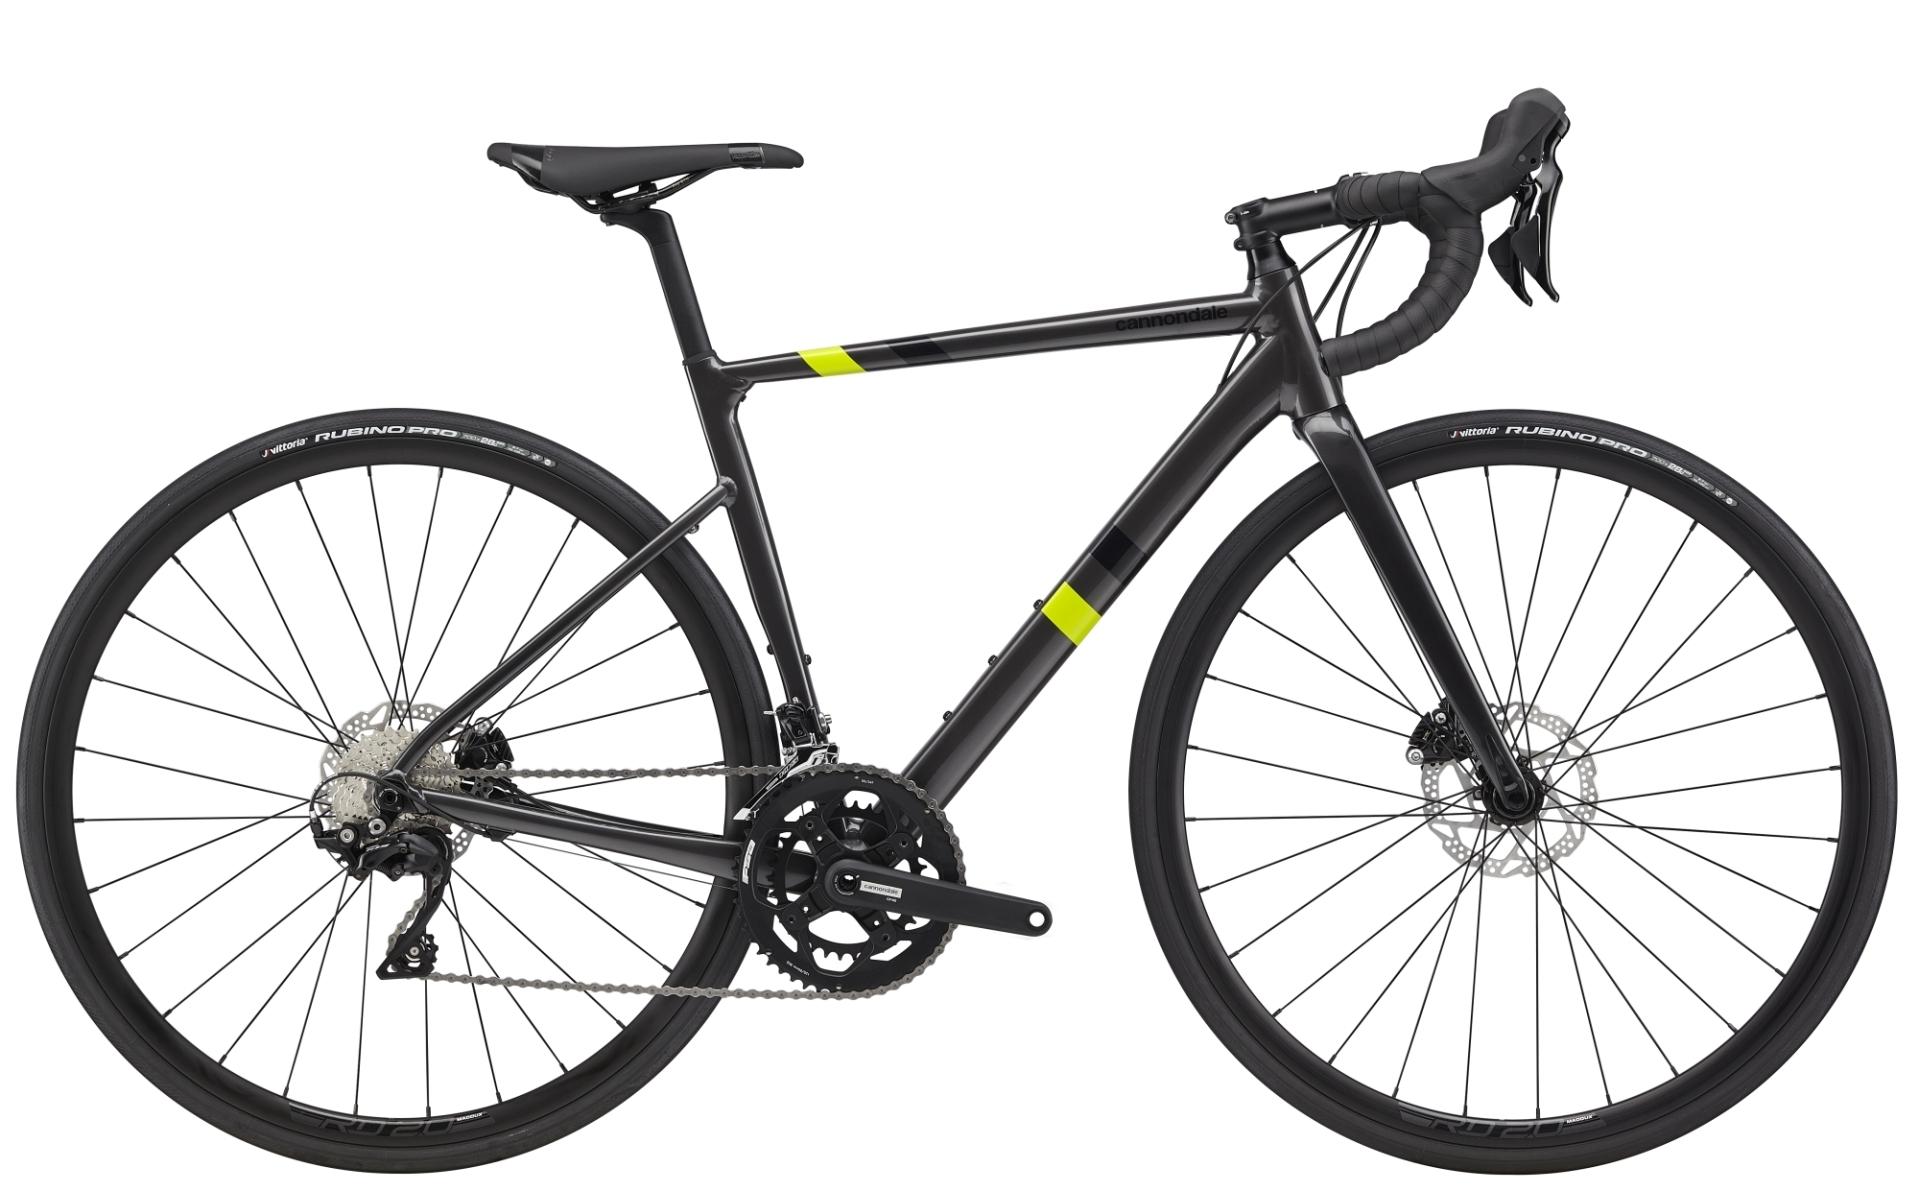 Cannondale CAAD 13 Disc 105 női országúti kerékpár - fekete - 48 cm (2020)